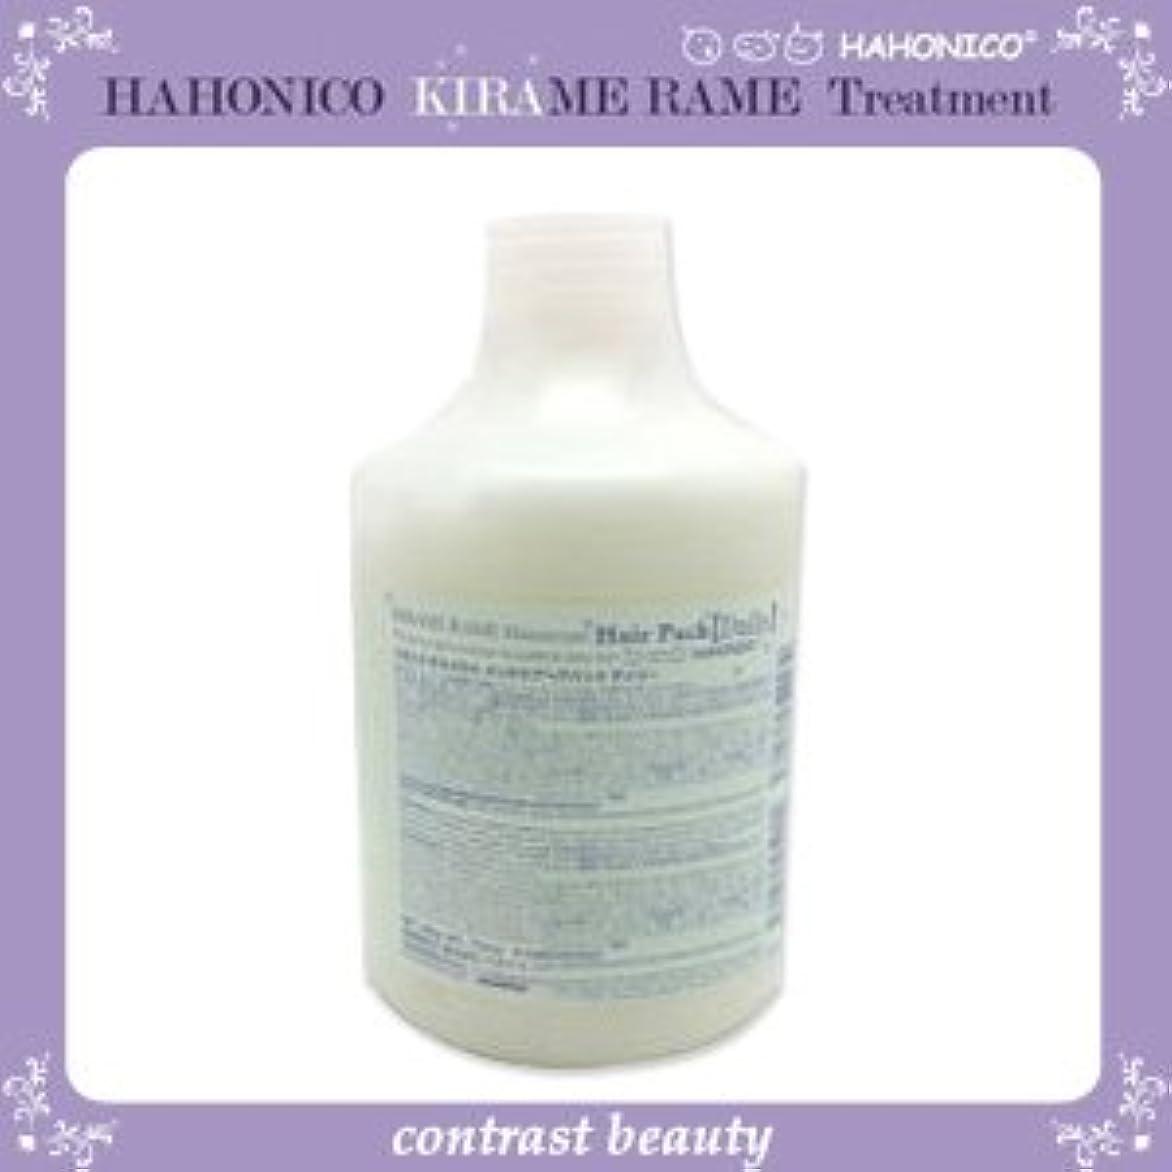 デンプシーアセ刺激する【X3個セット】 ハホニコ キラメラメ メンテケアヘアパックデイリー 500g KIRAME RAME HAHONICO